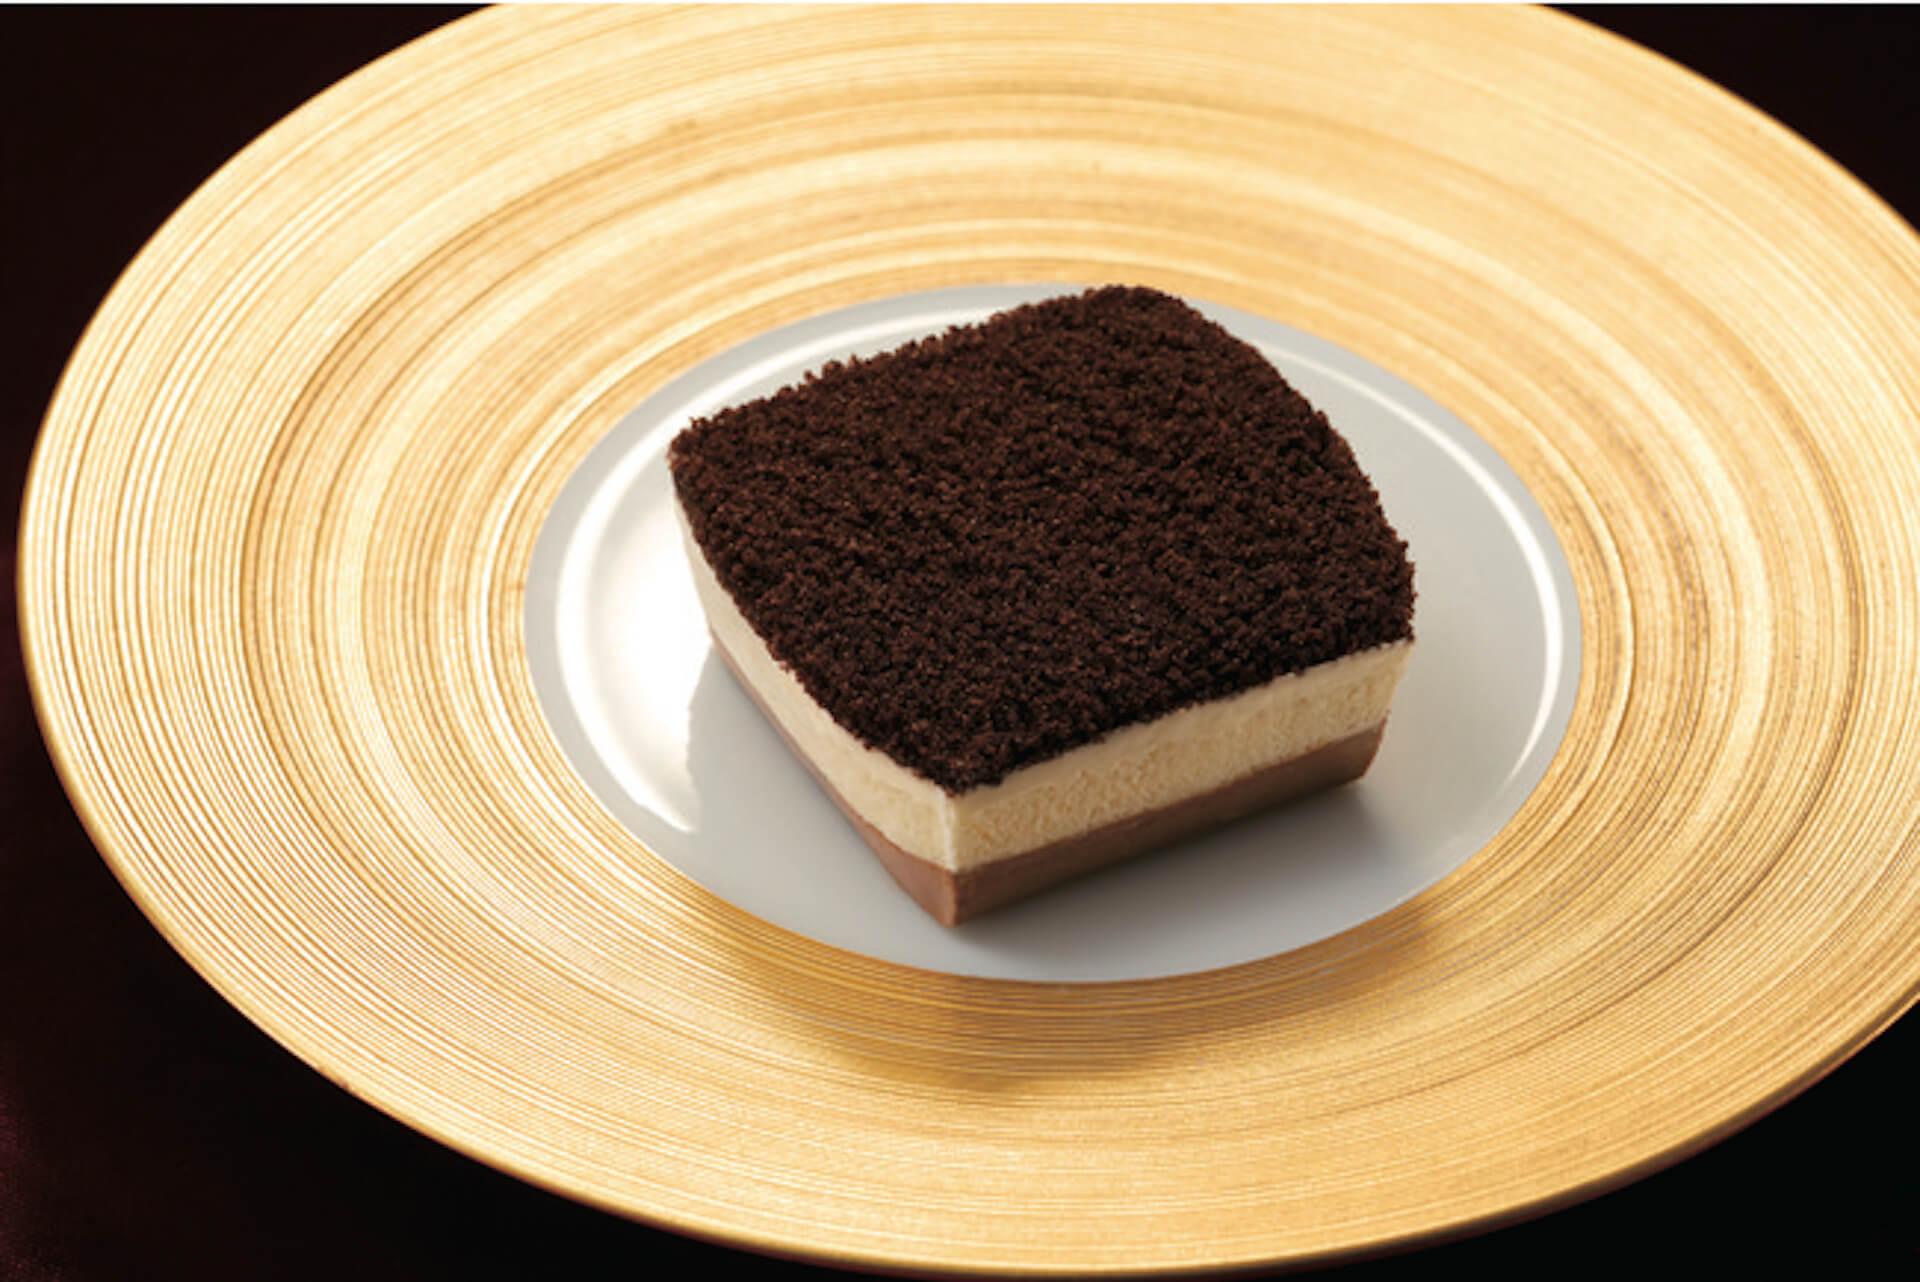 """ファミリーマートの""""新感覚チーズケーキ""""「ショコラチーズケーキ」と「プリン!?なチーズケーキ」が10日間で200万食達成! gourmet201113_familymart_1"""